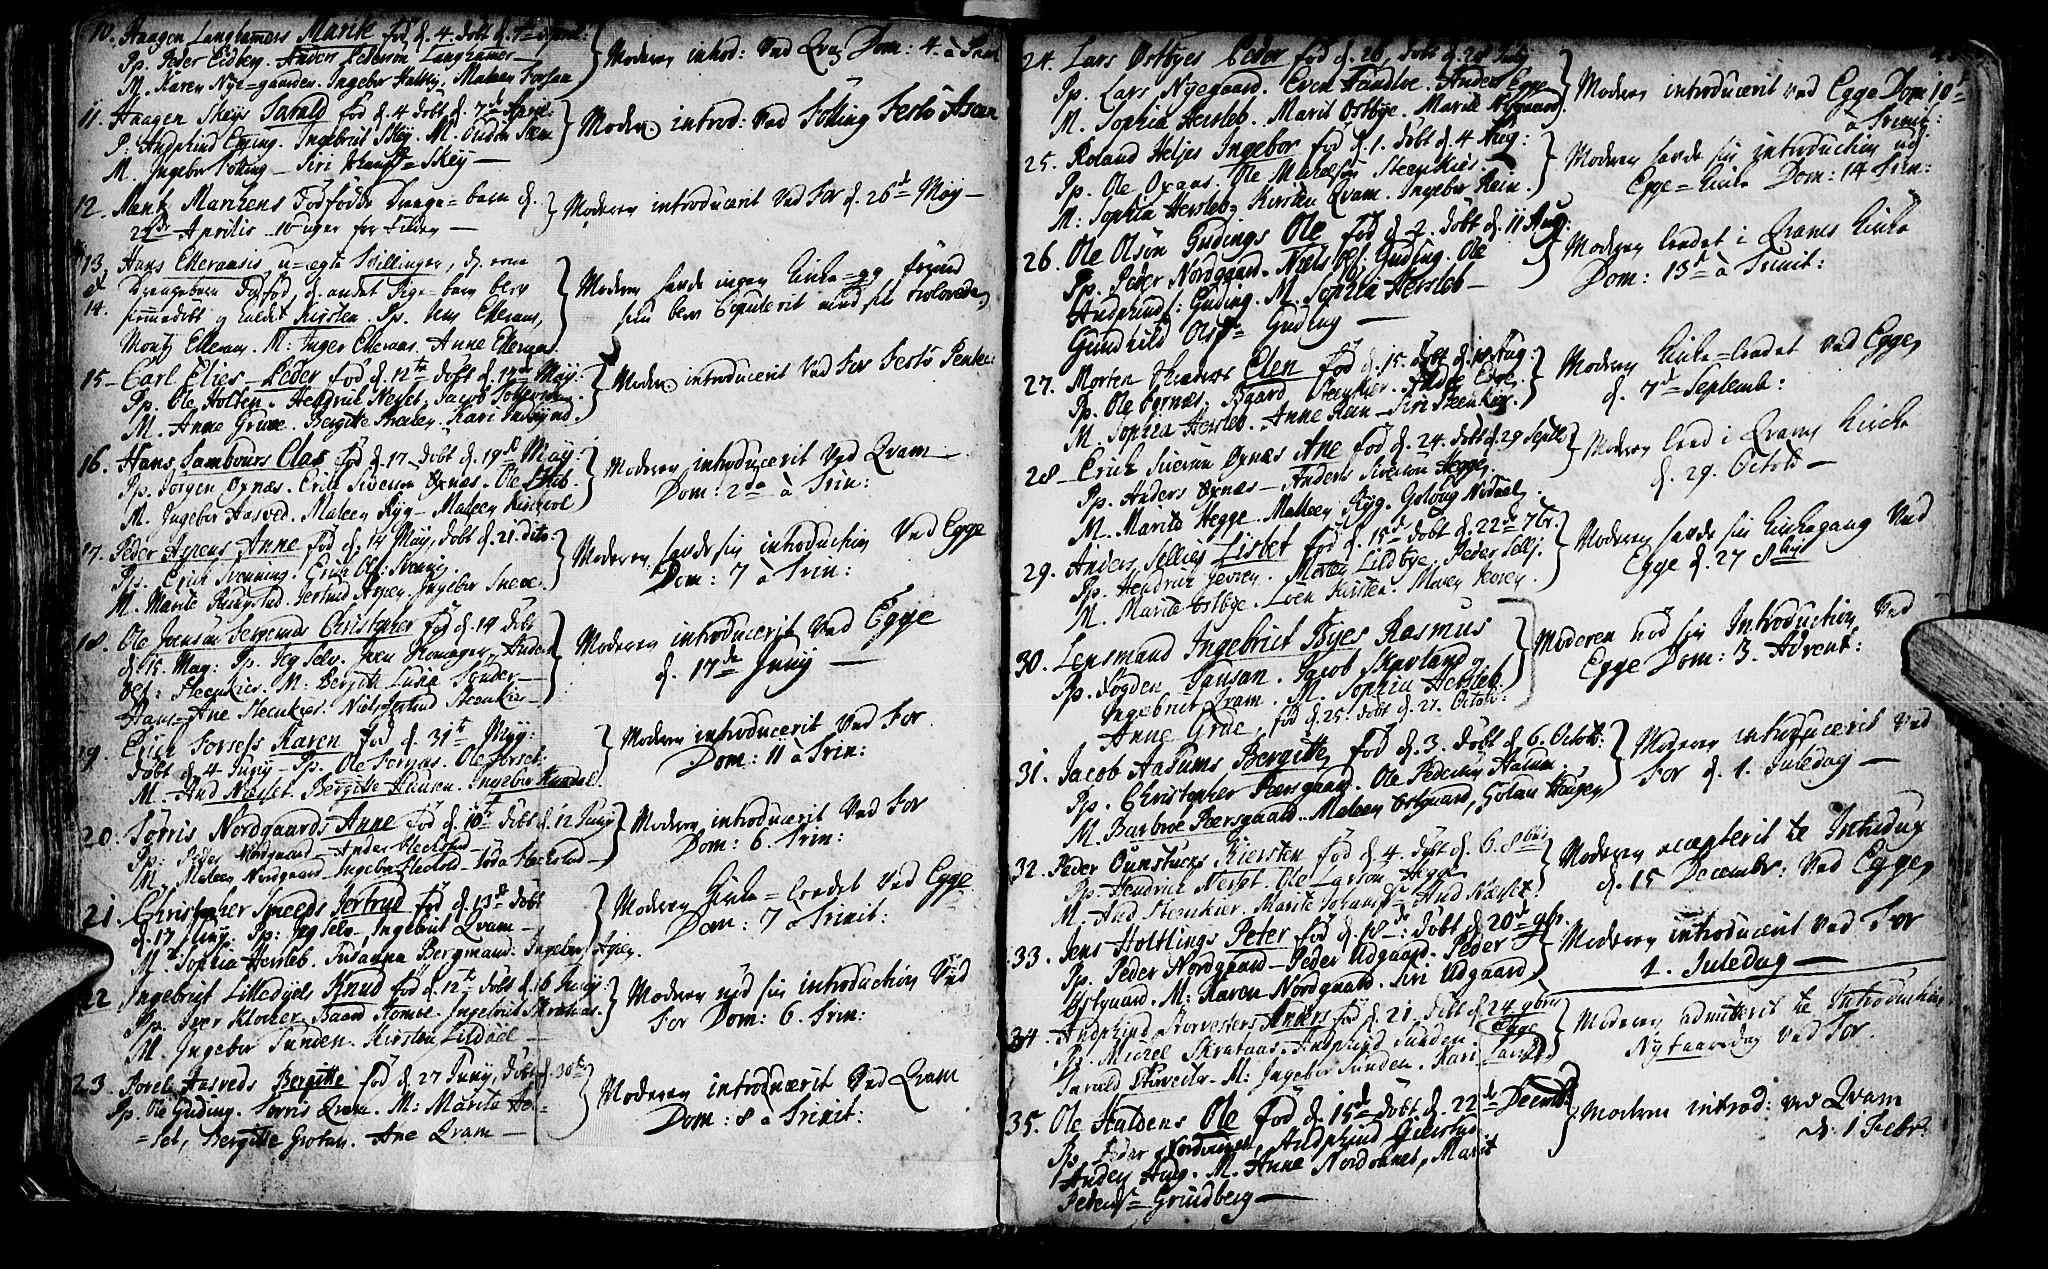 SAT, Ministerialprotokoller, klokkerbøker og fødselsregistre - Nord-Trøndelag, 746/L0439: Ministerialbok nr. 746A01, 1688-1759, s. 43